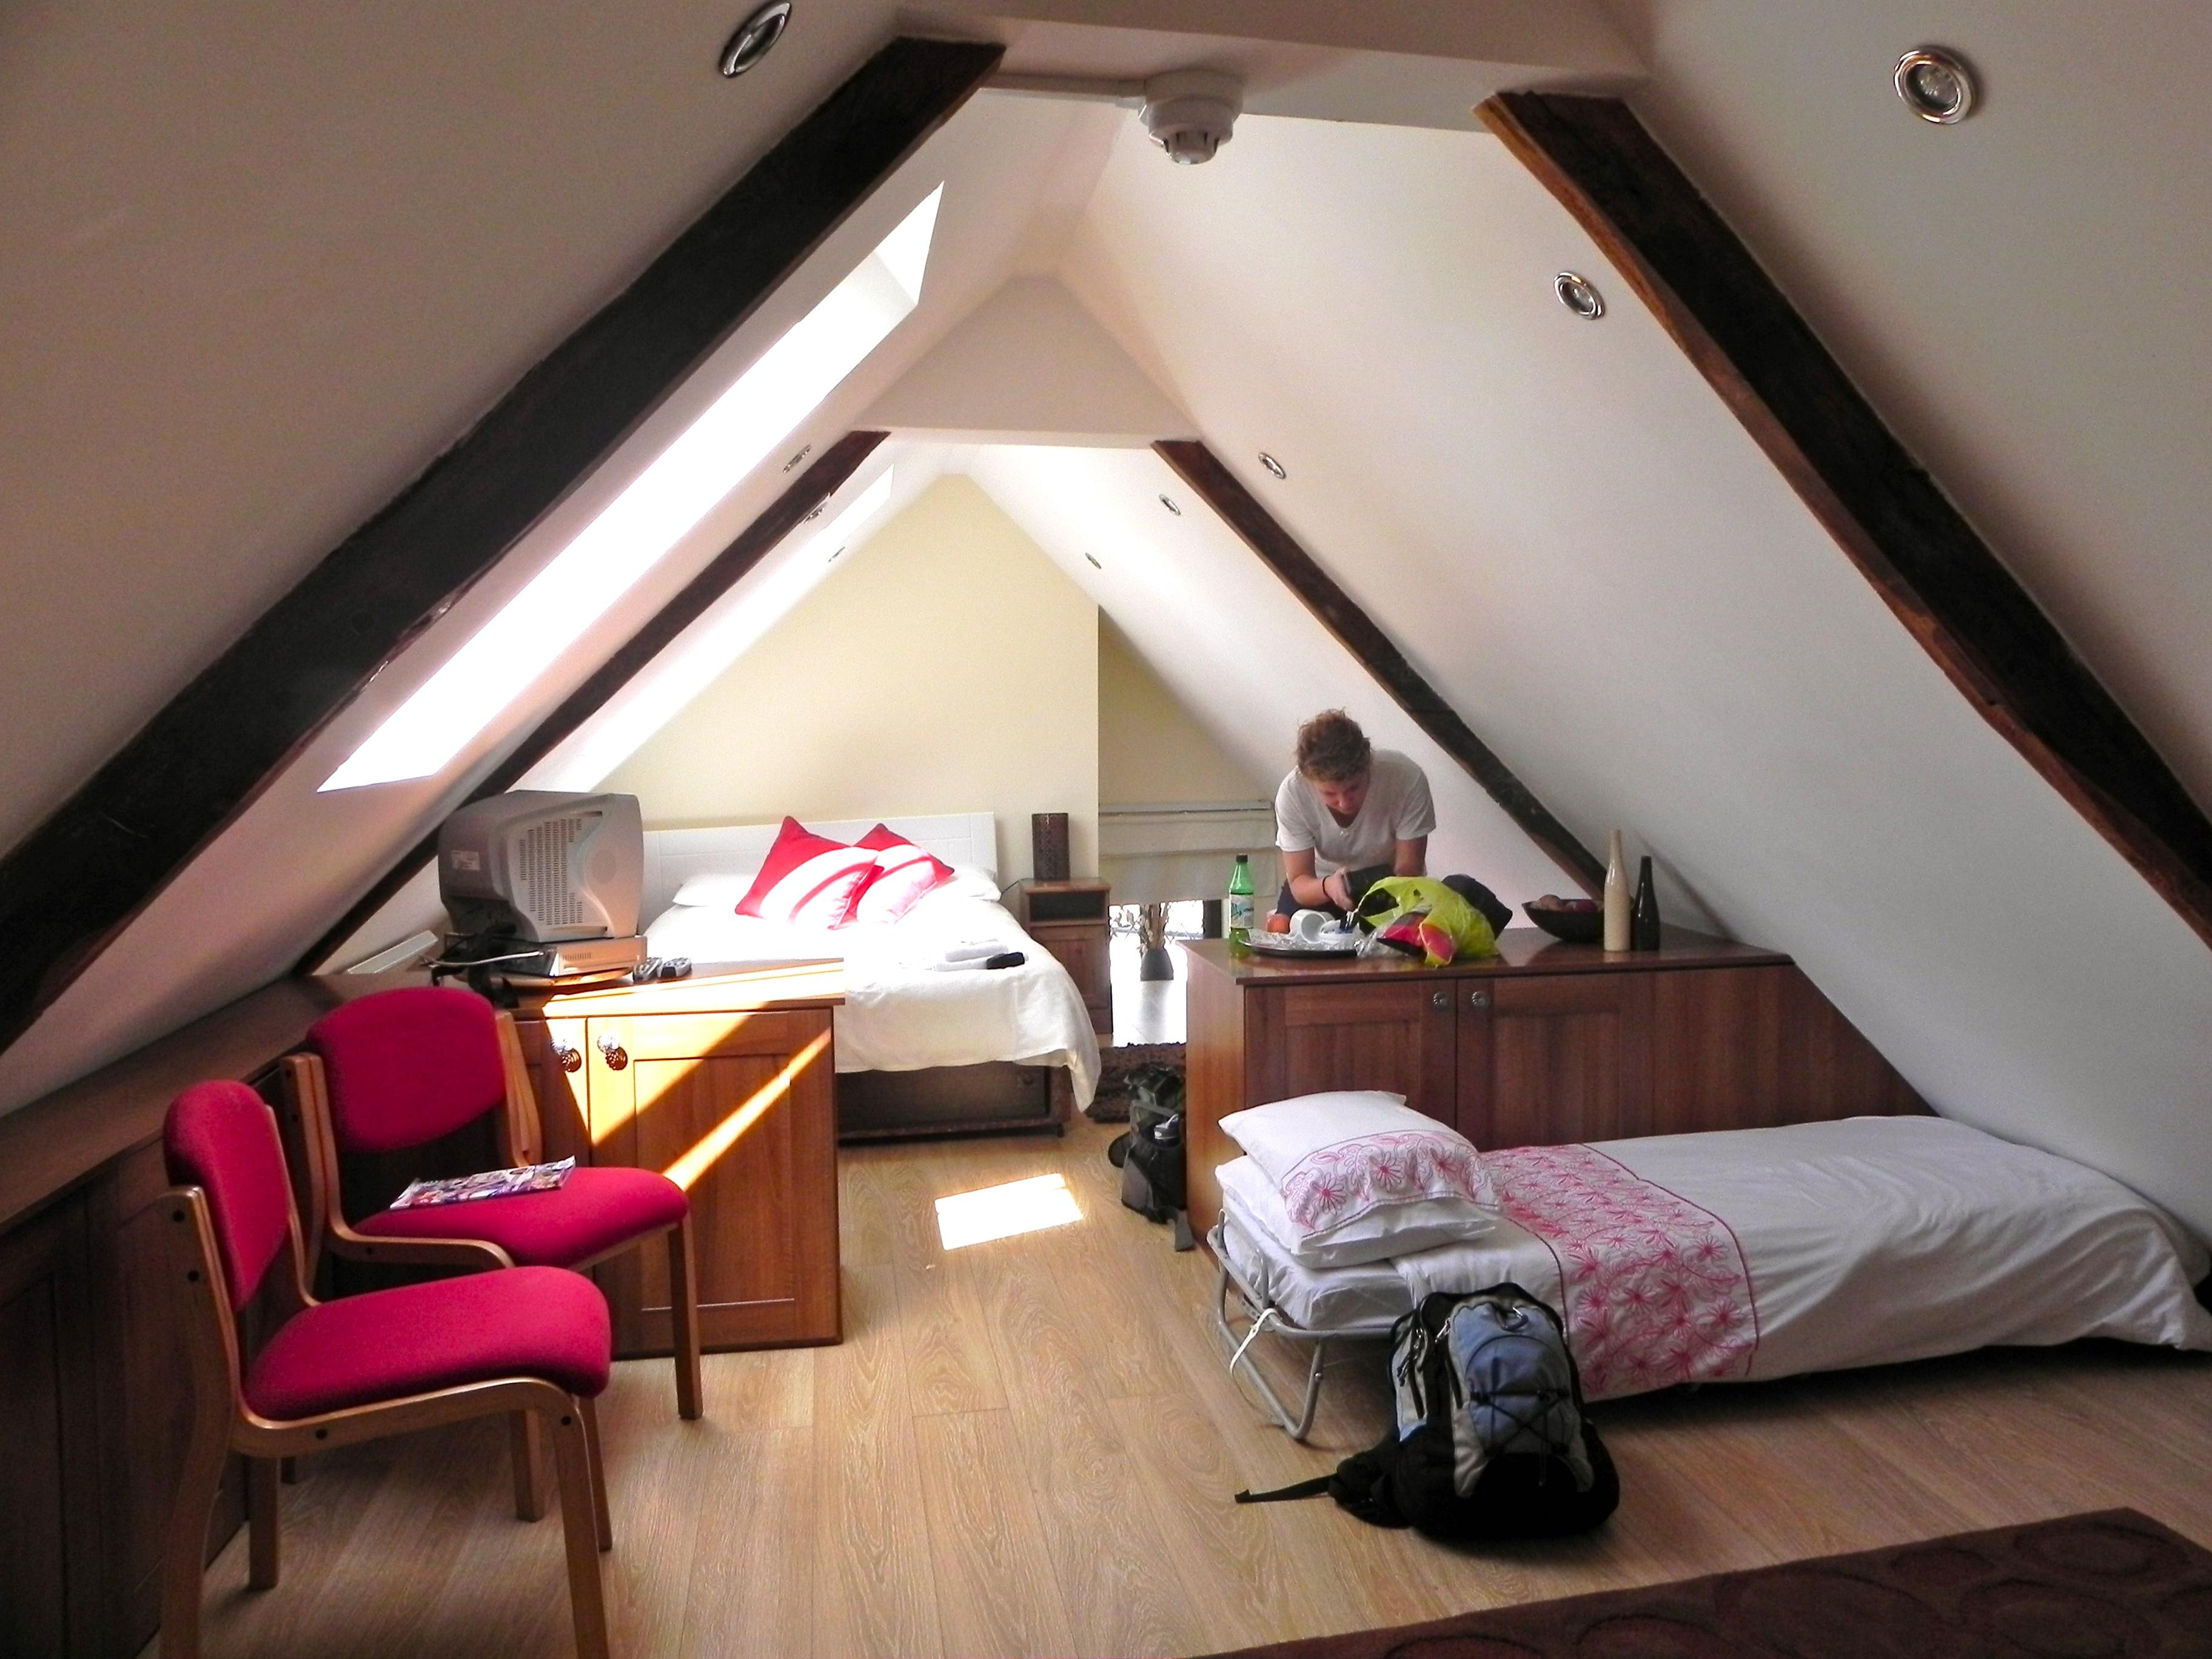 Гостевая спальня в мансарде - карточка от пользователя gridyaeva.o в Яндекс.Коллекциях